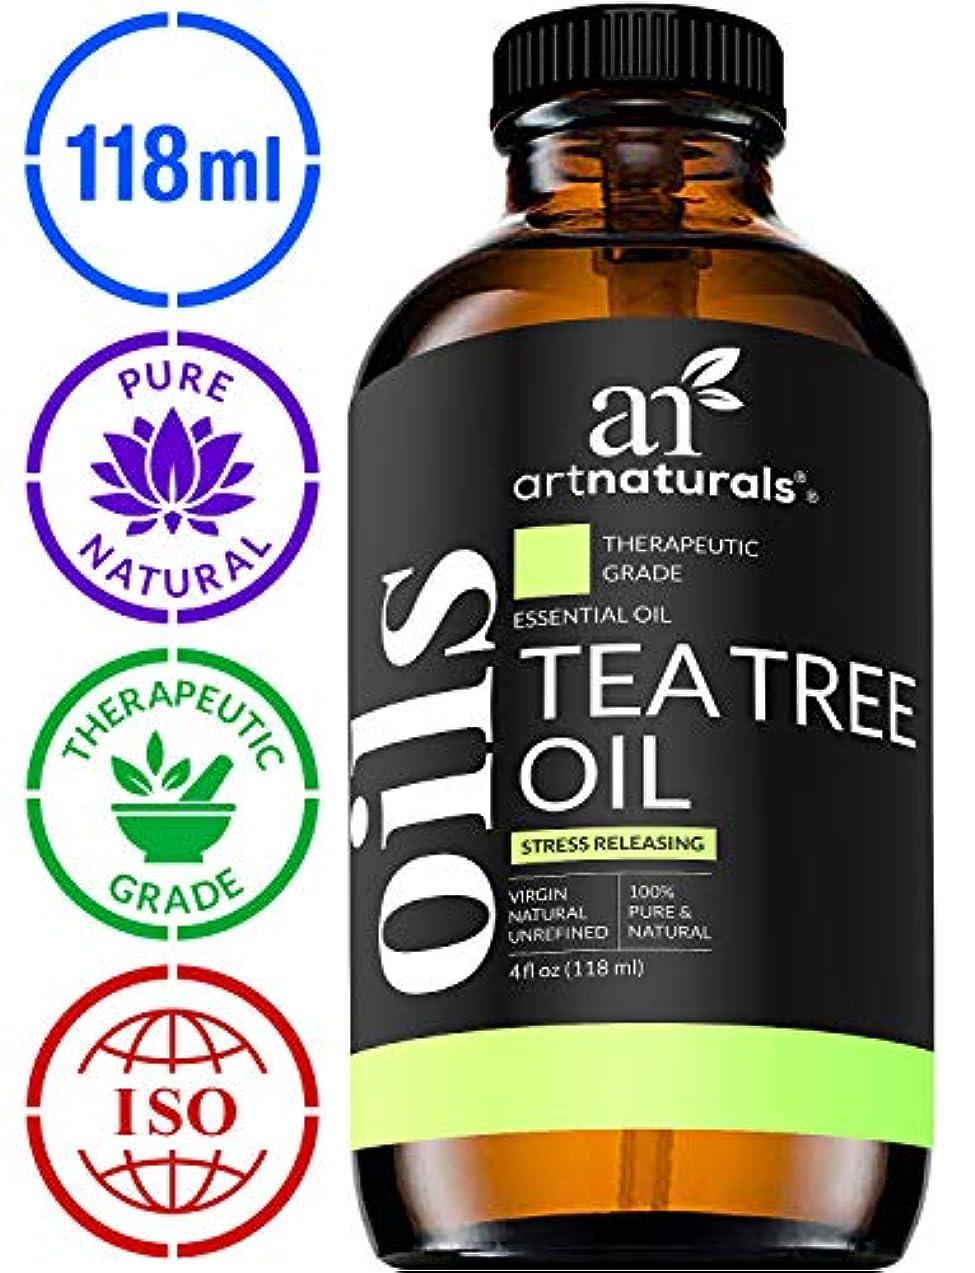 排除する送料裕福なArtNaturals Tea Tree Essential Oil - 4 oz Pure and Natural Premium Melaleuca Therapeutic Grade